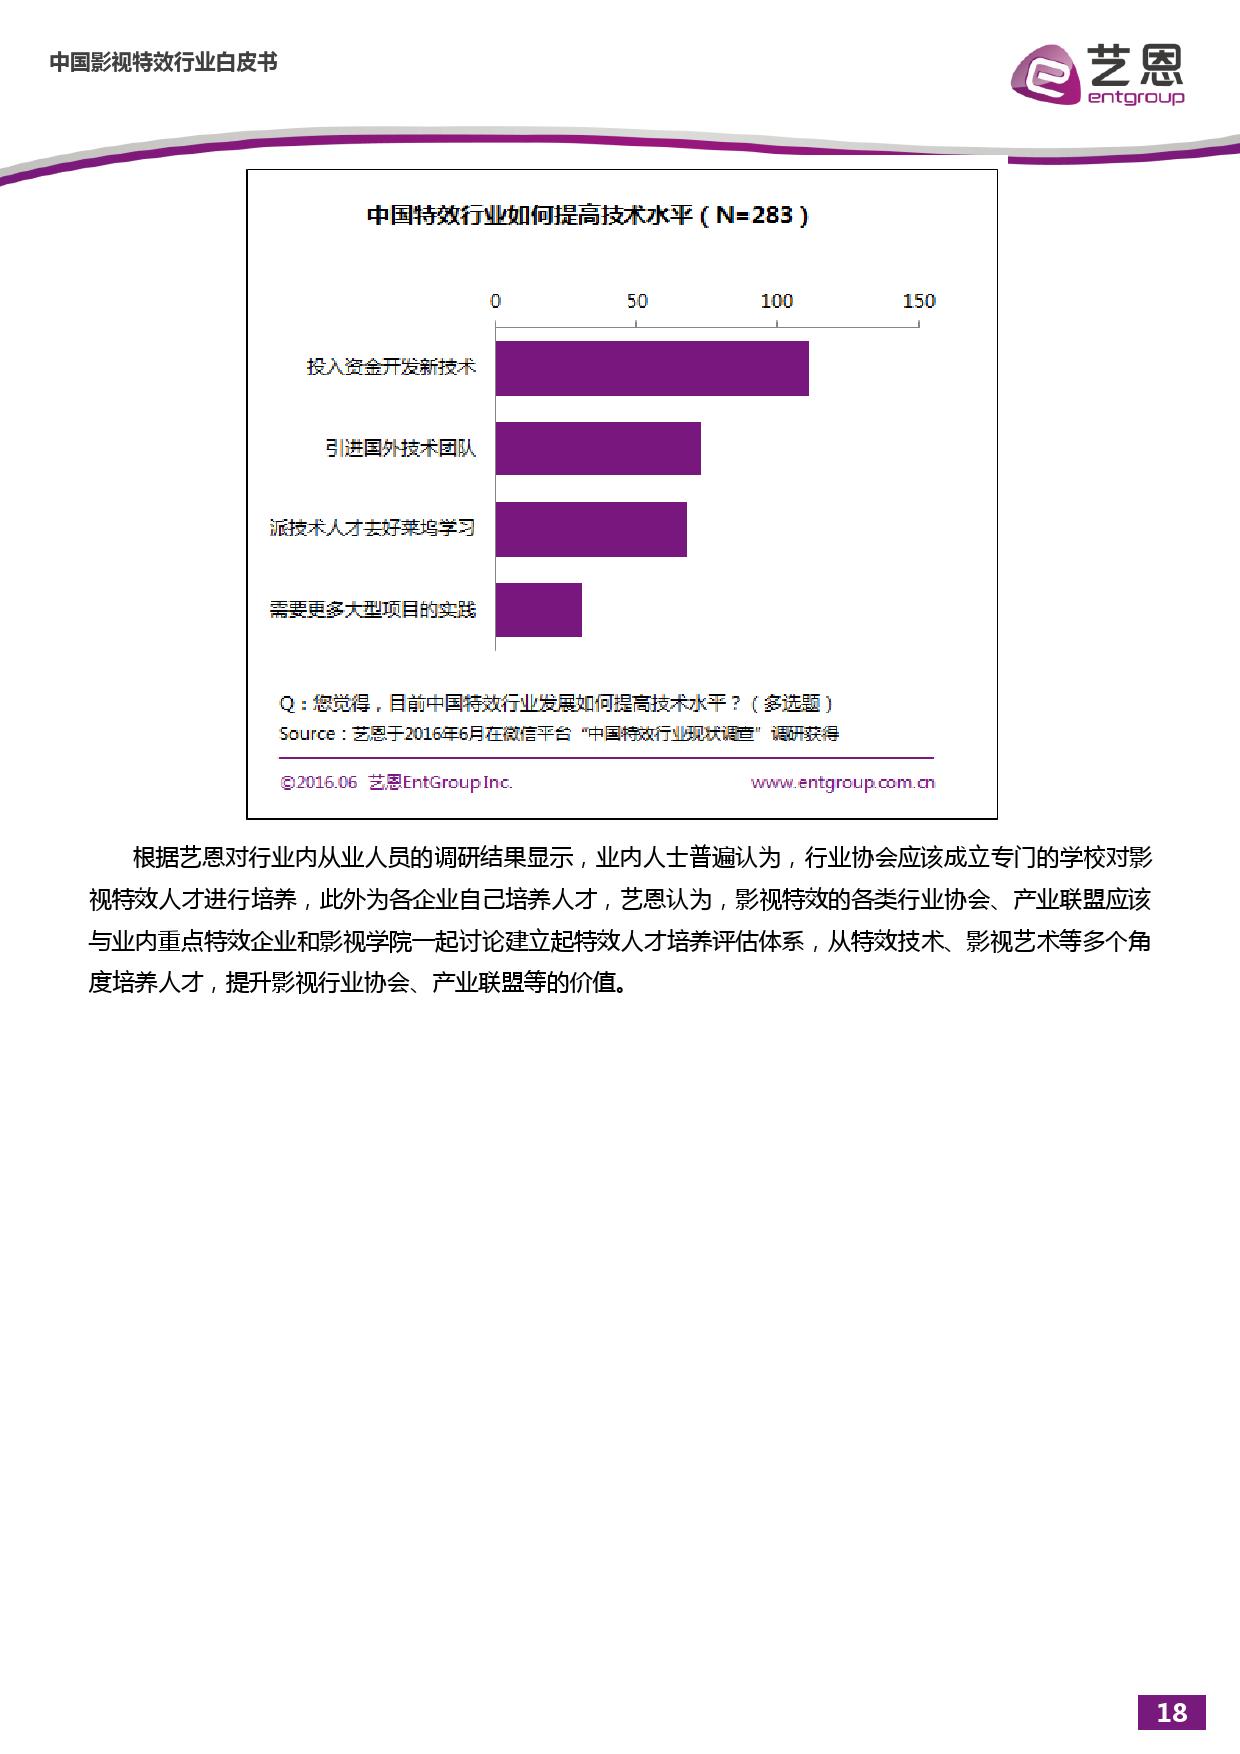 %e4%b8%ad%e5%9b%bd%e5%bd%b1%e8%a7%86%e7%89%b9%e6%95%88%e5%b8%82%e5%9c%ba%e7%a0%94%e7%a9%b6%e6%8a%a5%e5%91%8a_000019